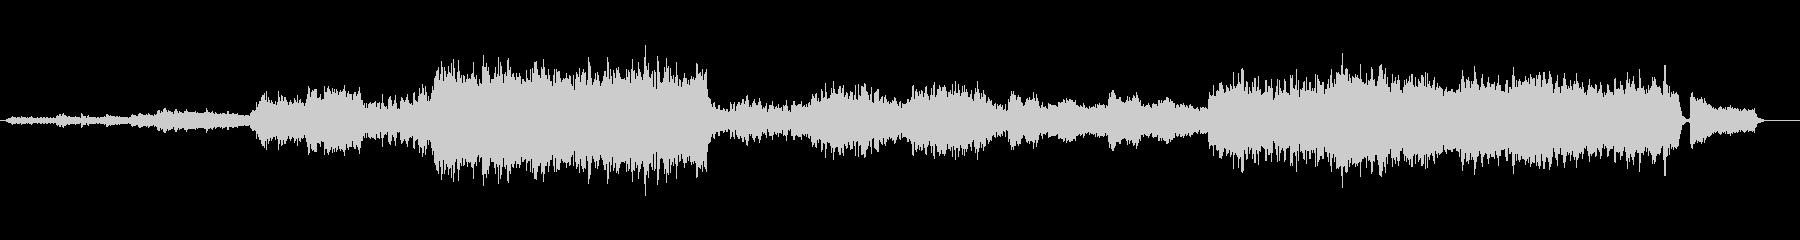 雄大なオーケストラ風アレンジ(組曲帝王)の未再生の波形